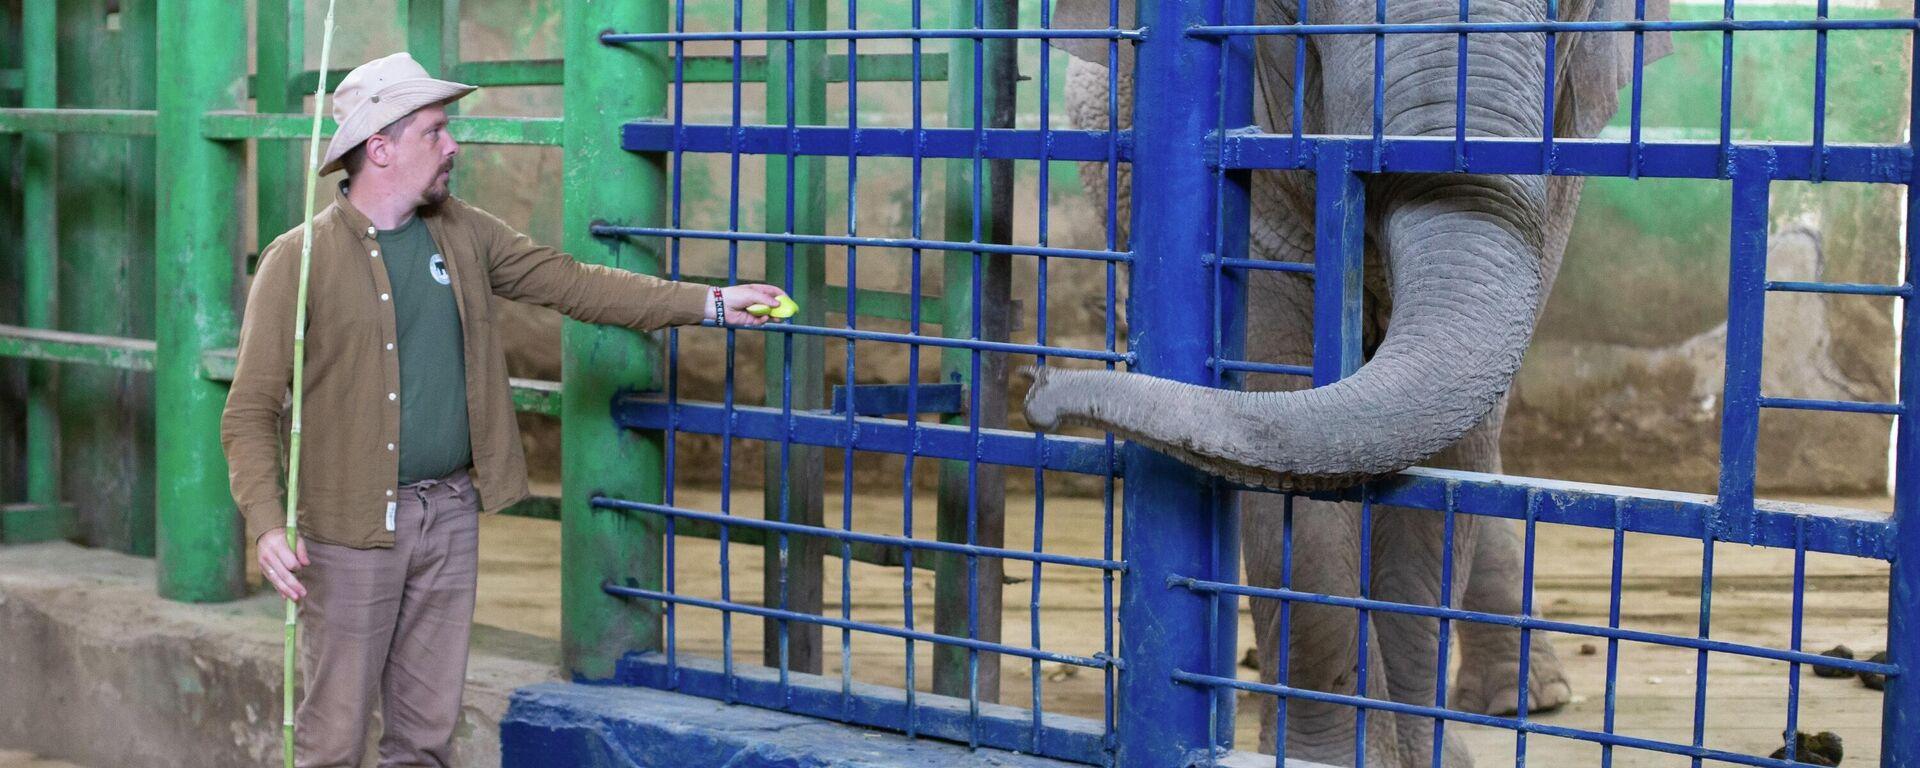 В Ташкентском зоопарке немецкий специалист дал серию мастер-классов по уходу за слонами - Sputnik Узбекистан, 1920, 08.09.2021